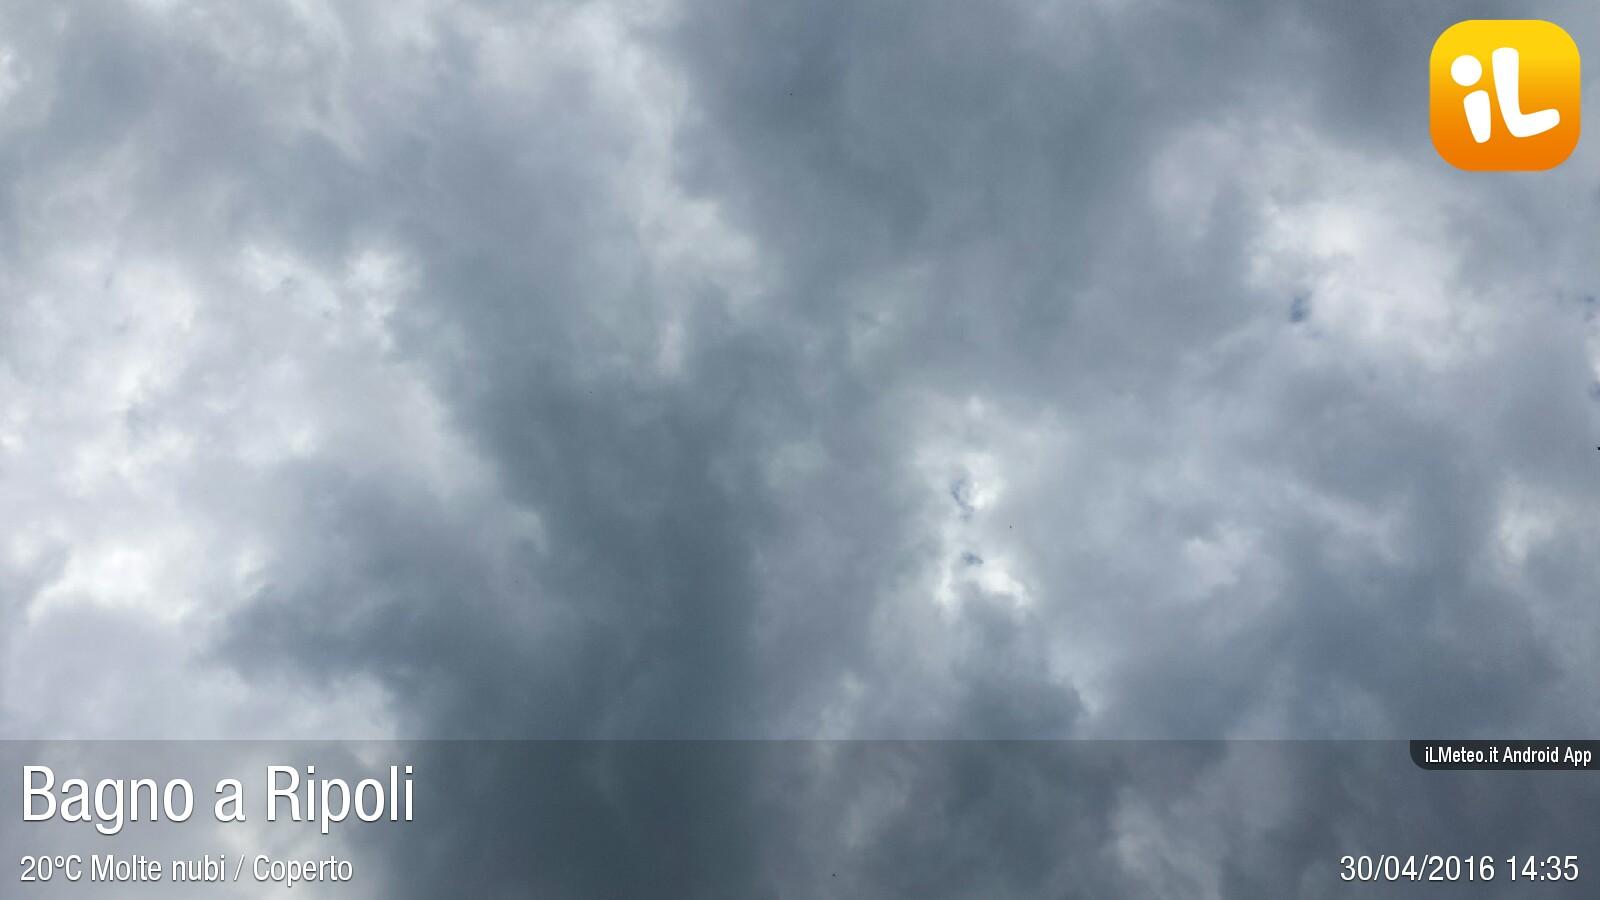 Foto meteo bagno a ripoli bagno a ripoli ore 14 35 - Meteo bagno a ripoli ...